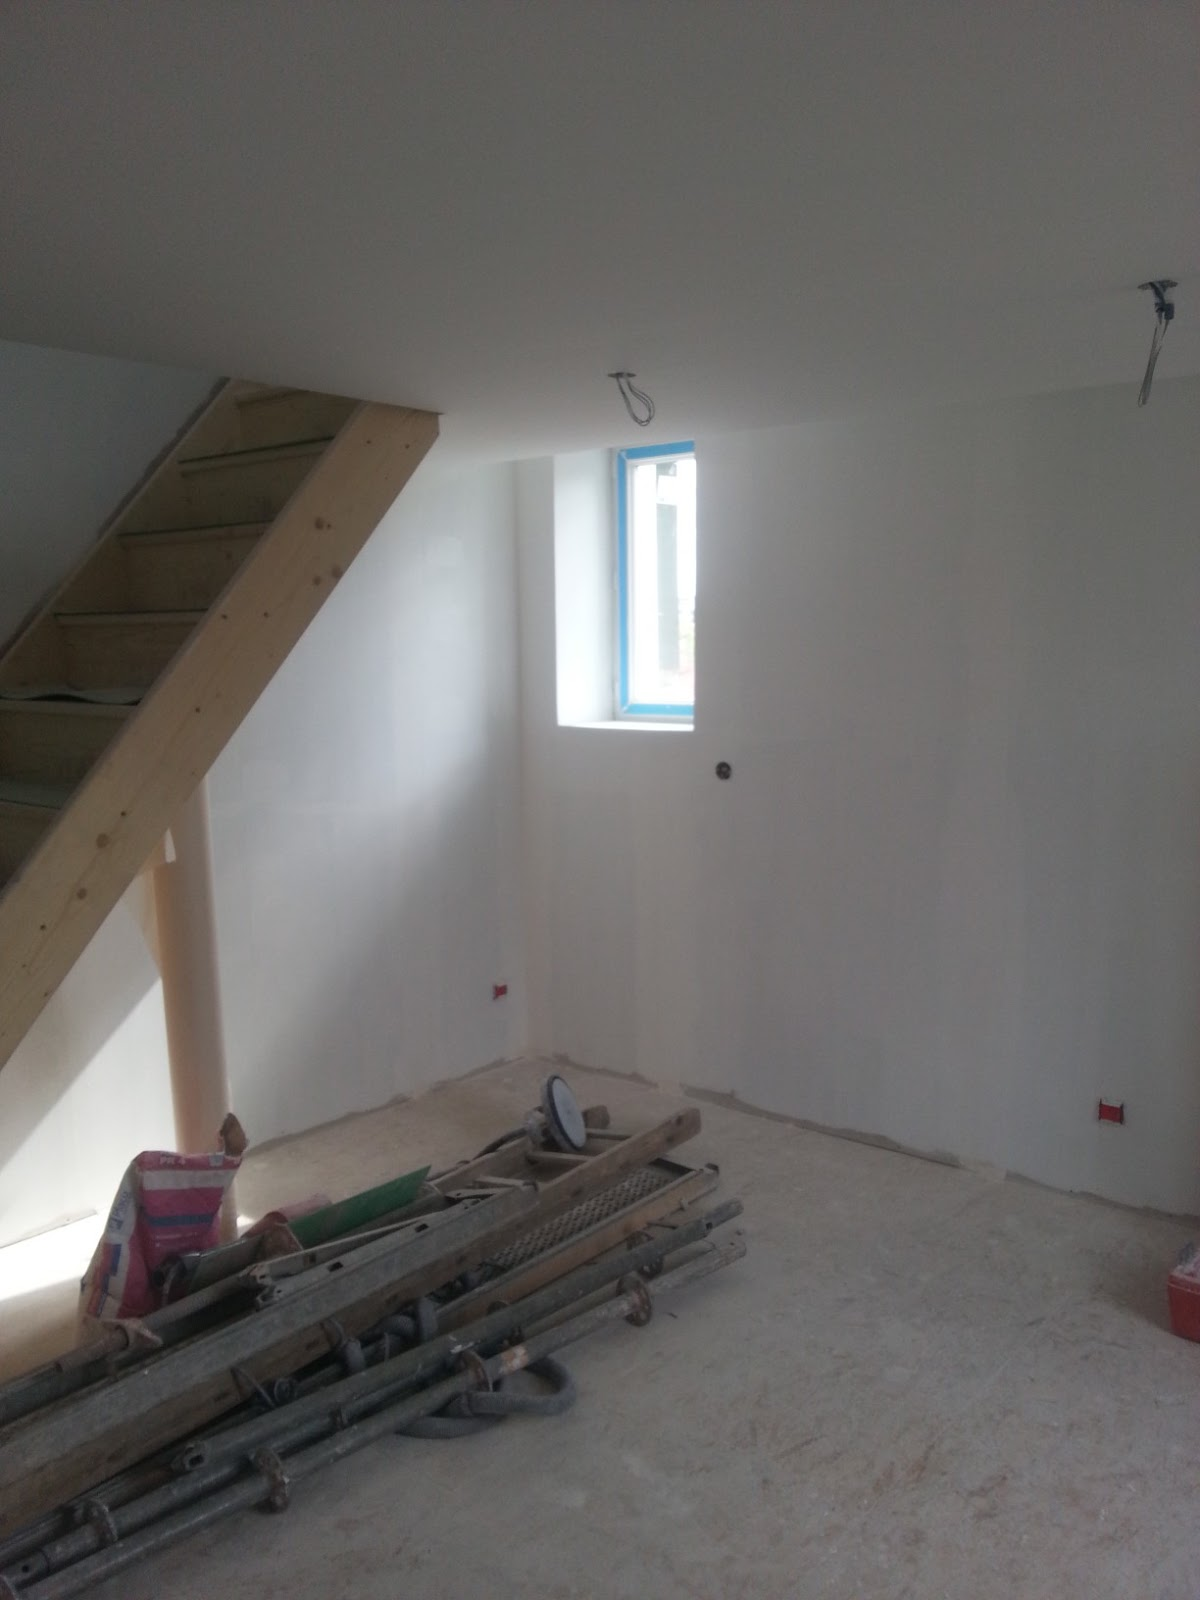 b t s sous couche seul pour les murs et sous couche. Black Bedroom Furniture Sets. Home Design Ideas